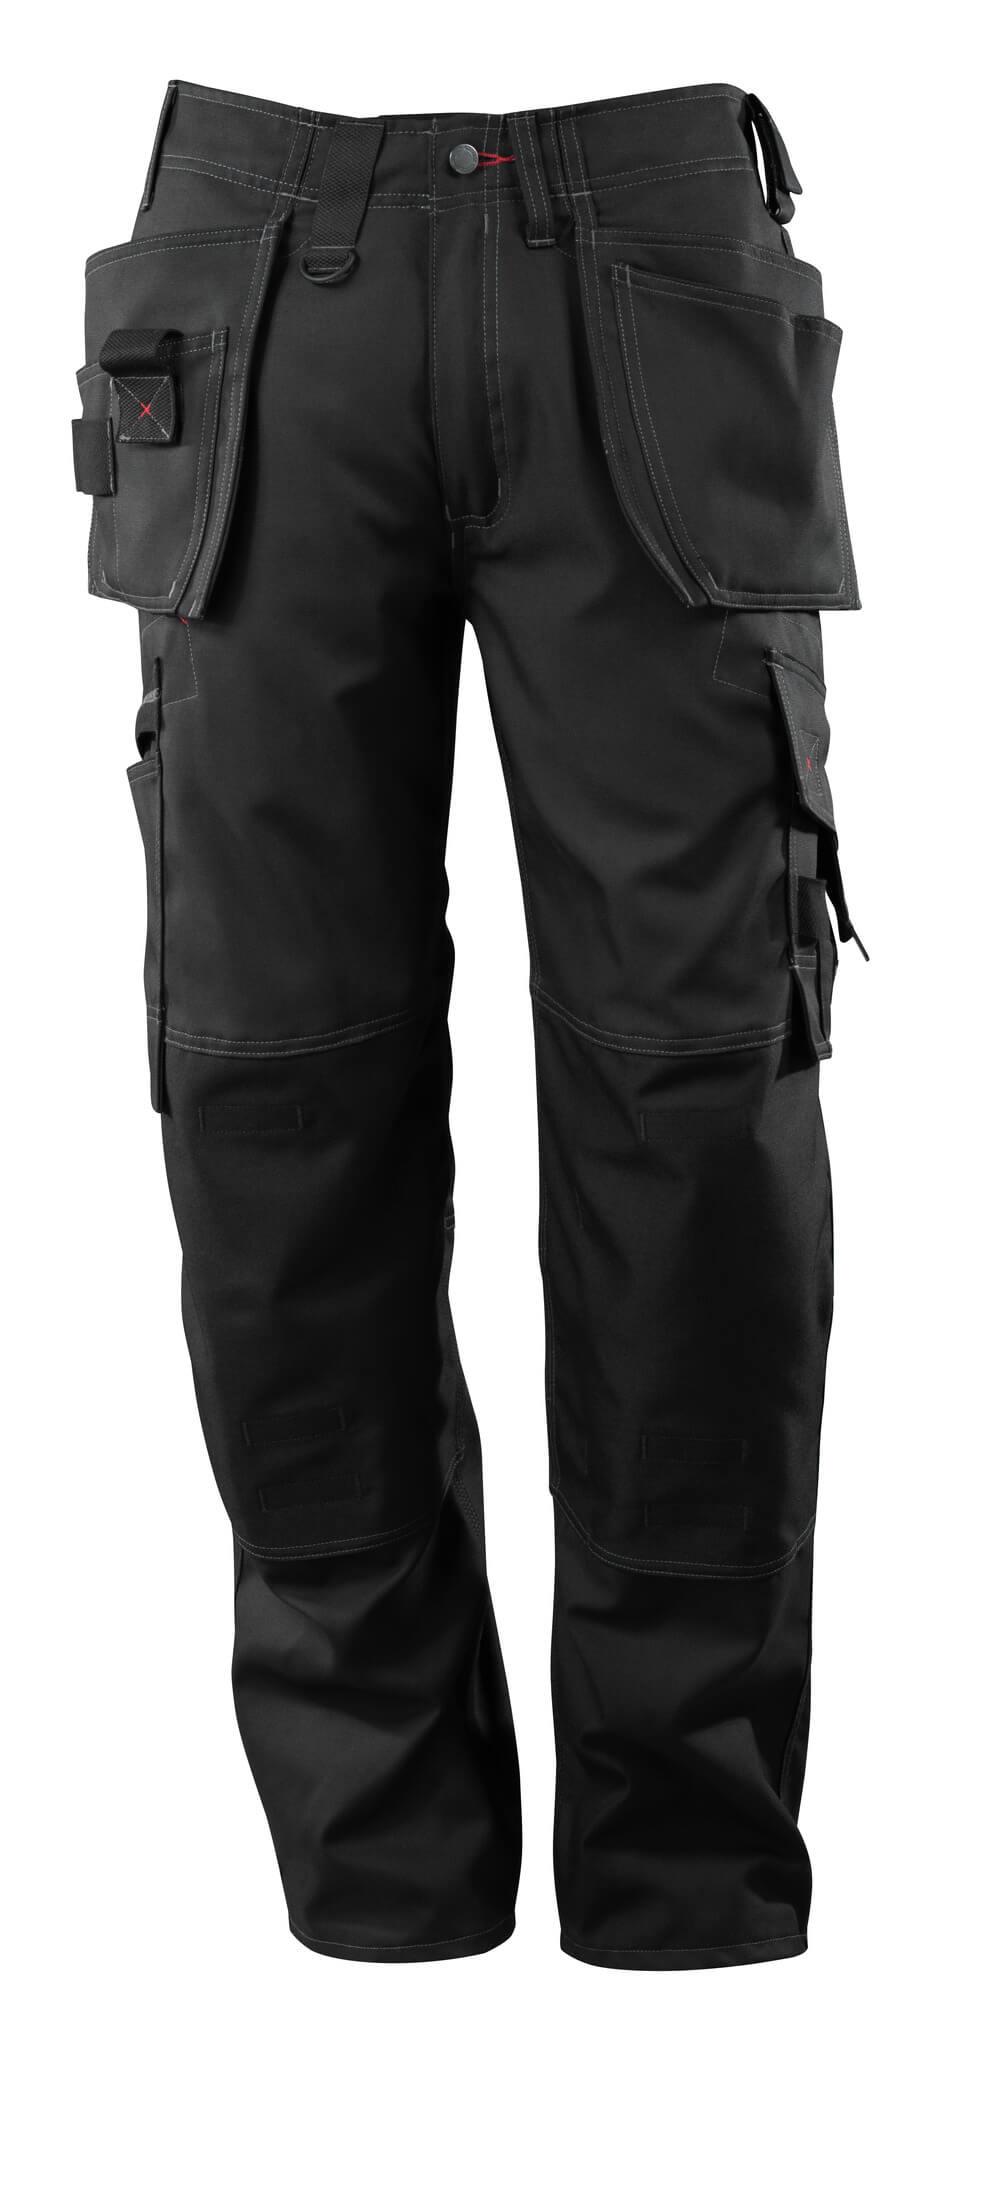 07379-154-09 Pantaloni con tasche esterne - nero